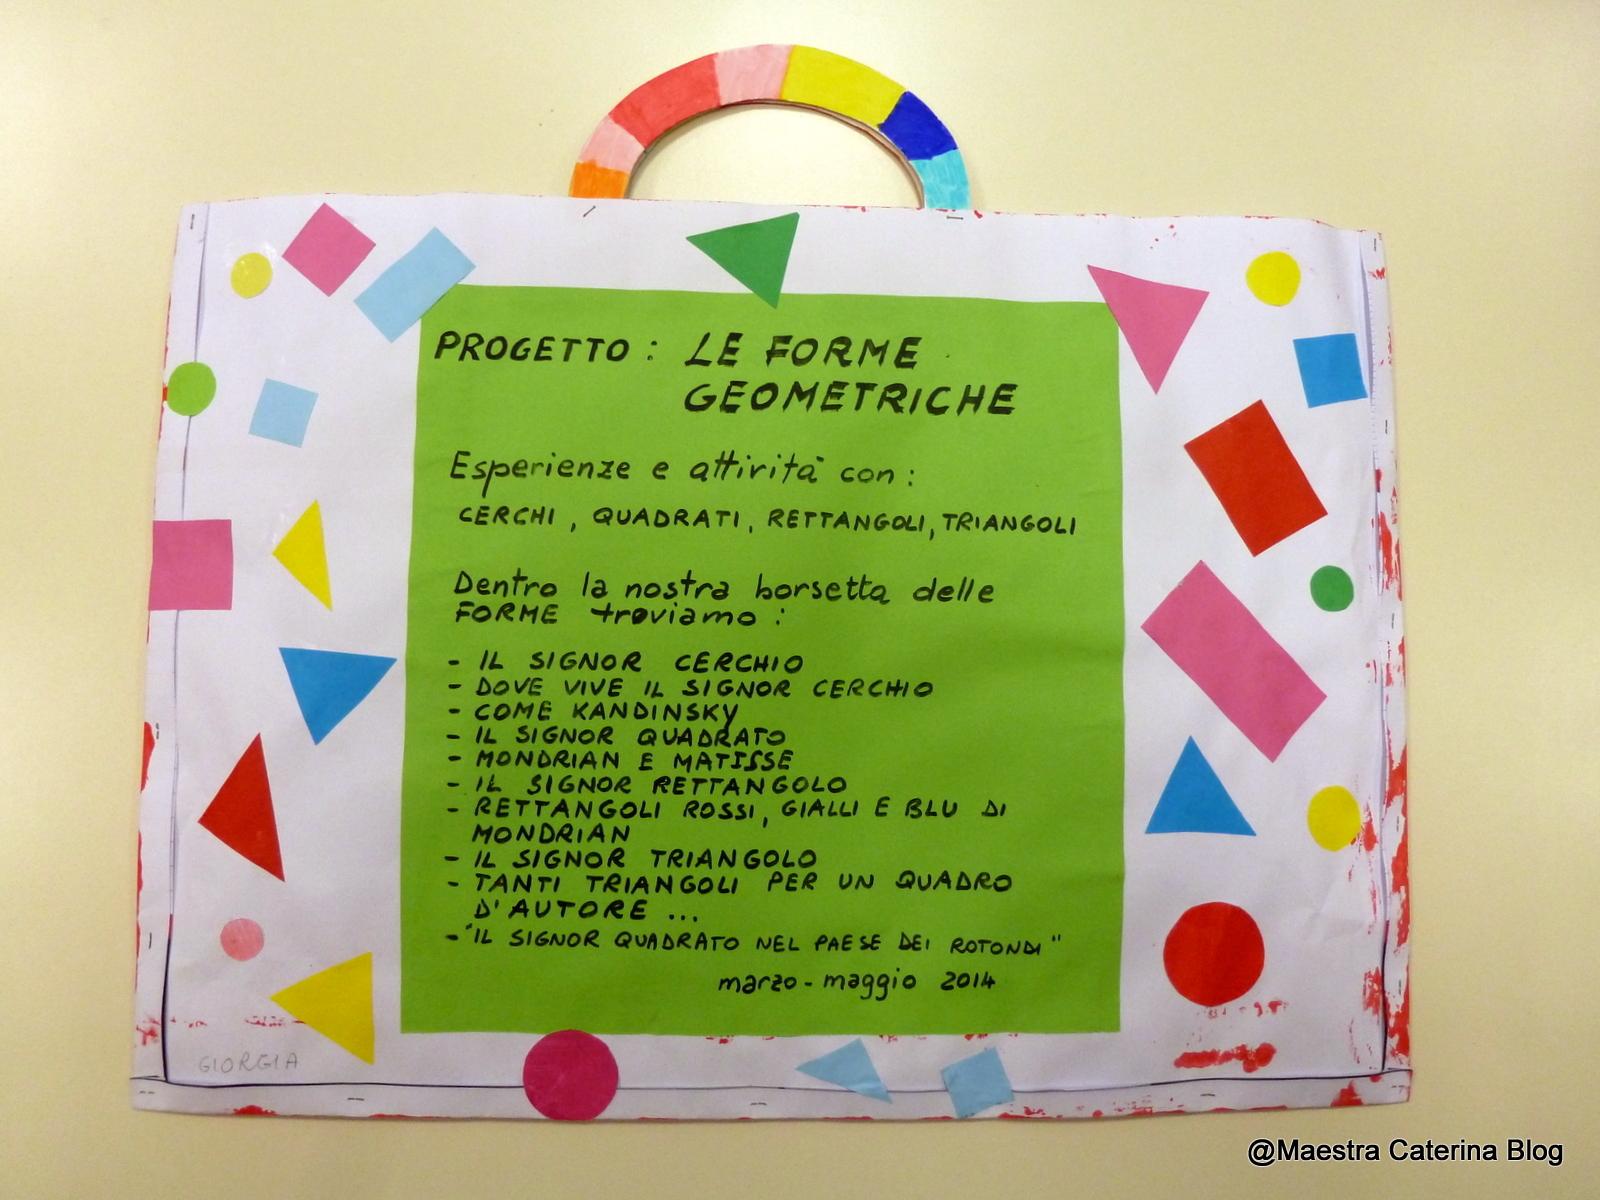 Connu Maestra Caterina: Filastrocca delle Forme geometriche LS39